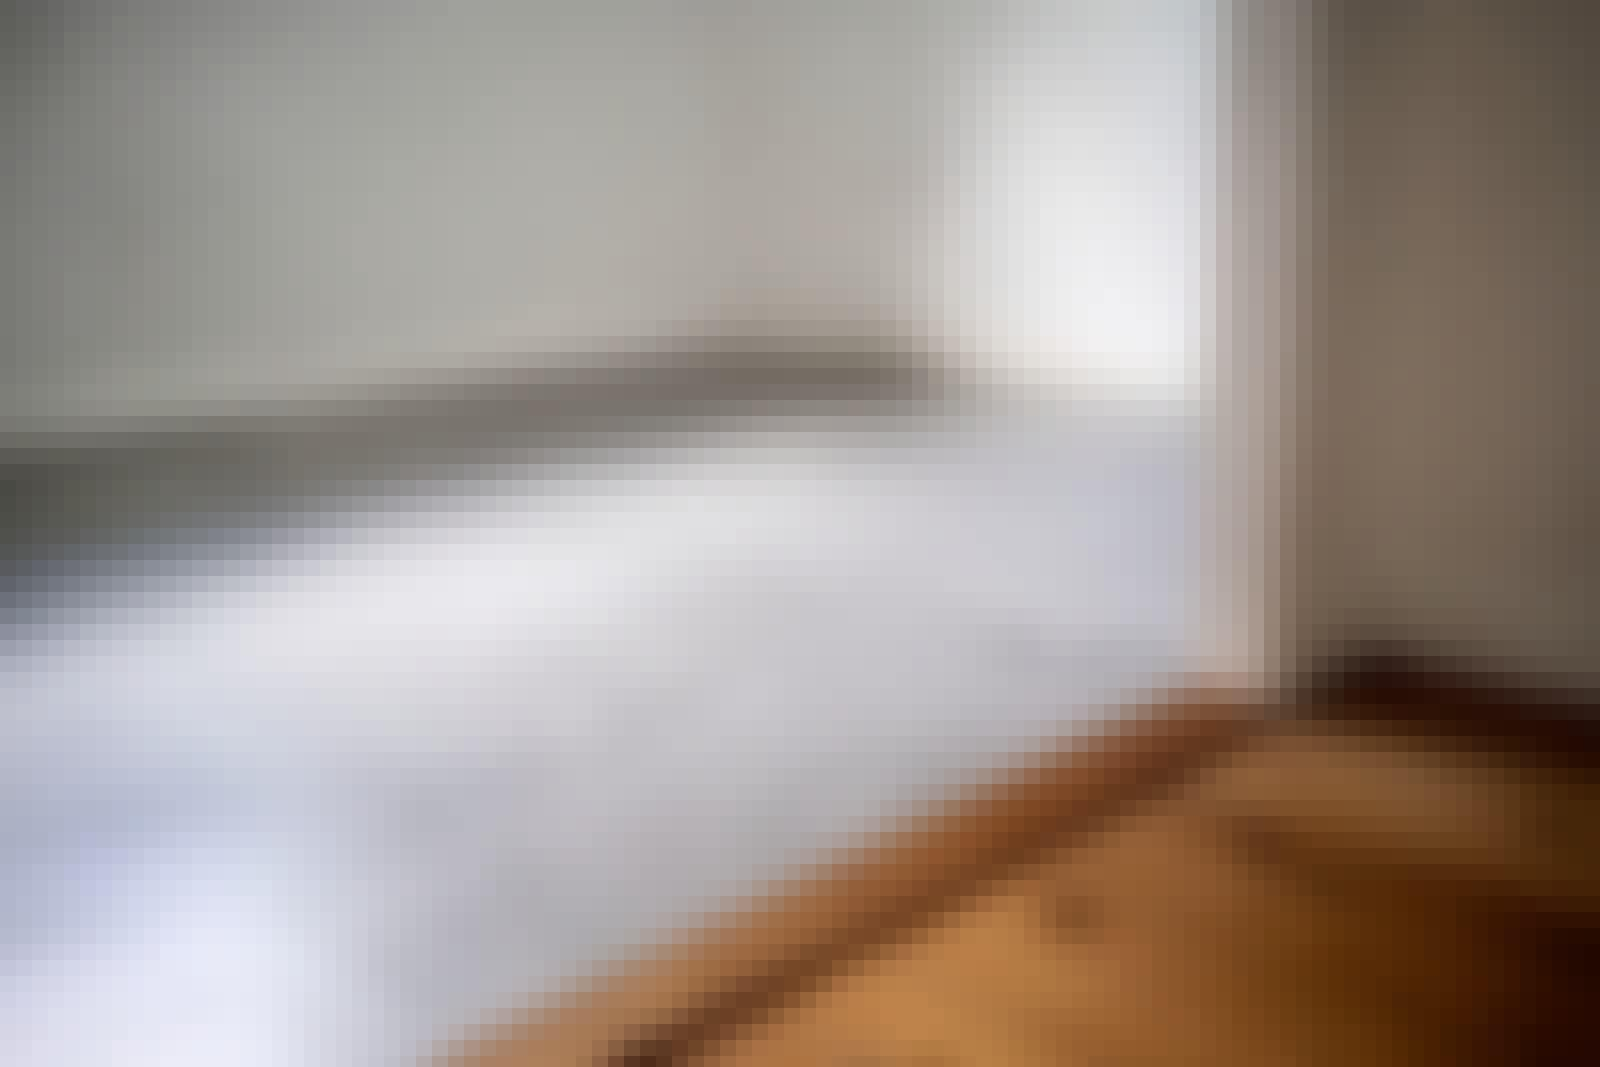 Mikrosement gulv: Mikrosementen er særlig populær til gulv